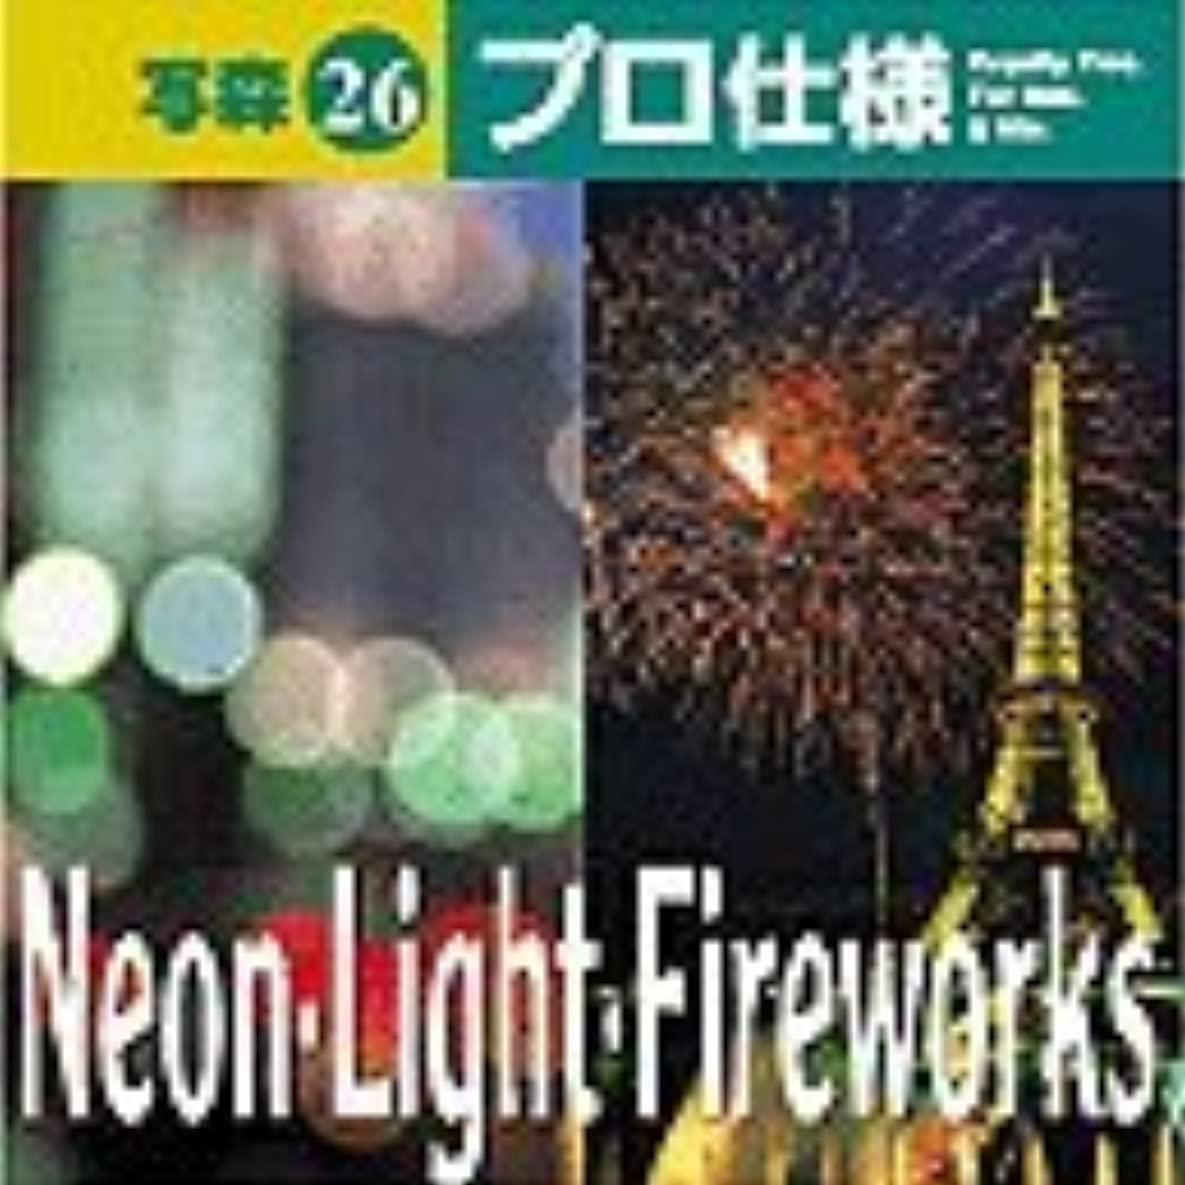 写森プロ仕様 Vol.26 Neon?Light?Fireworks